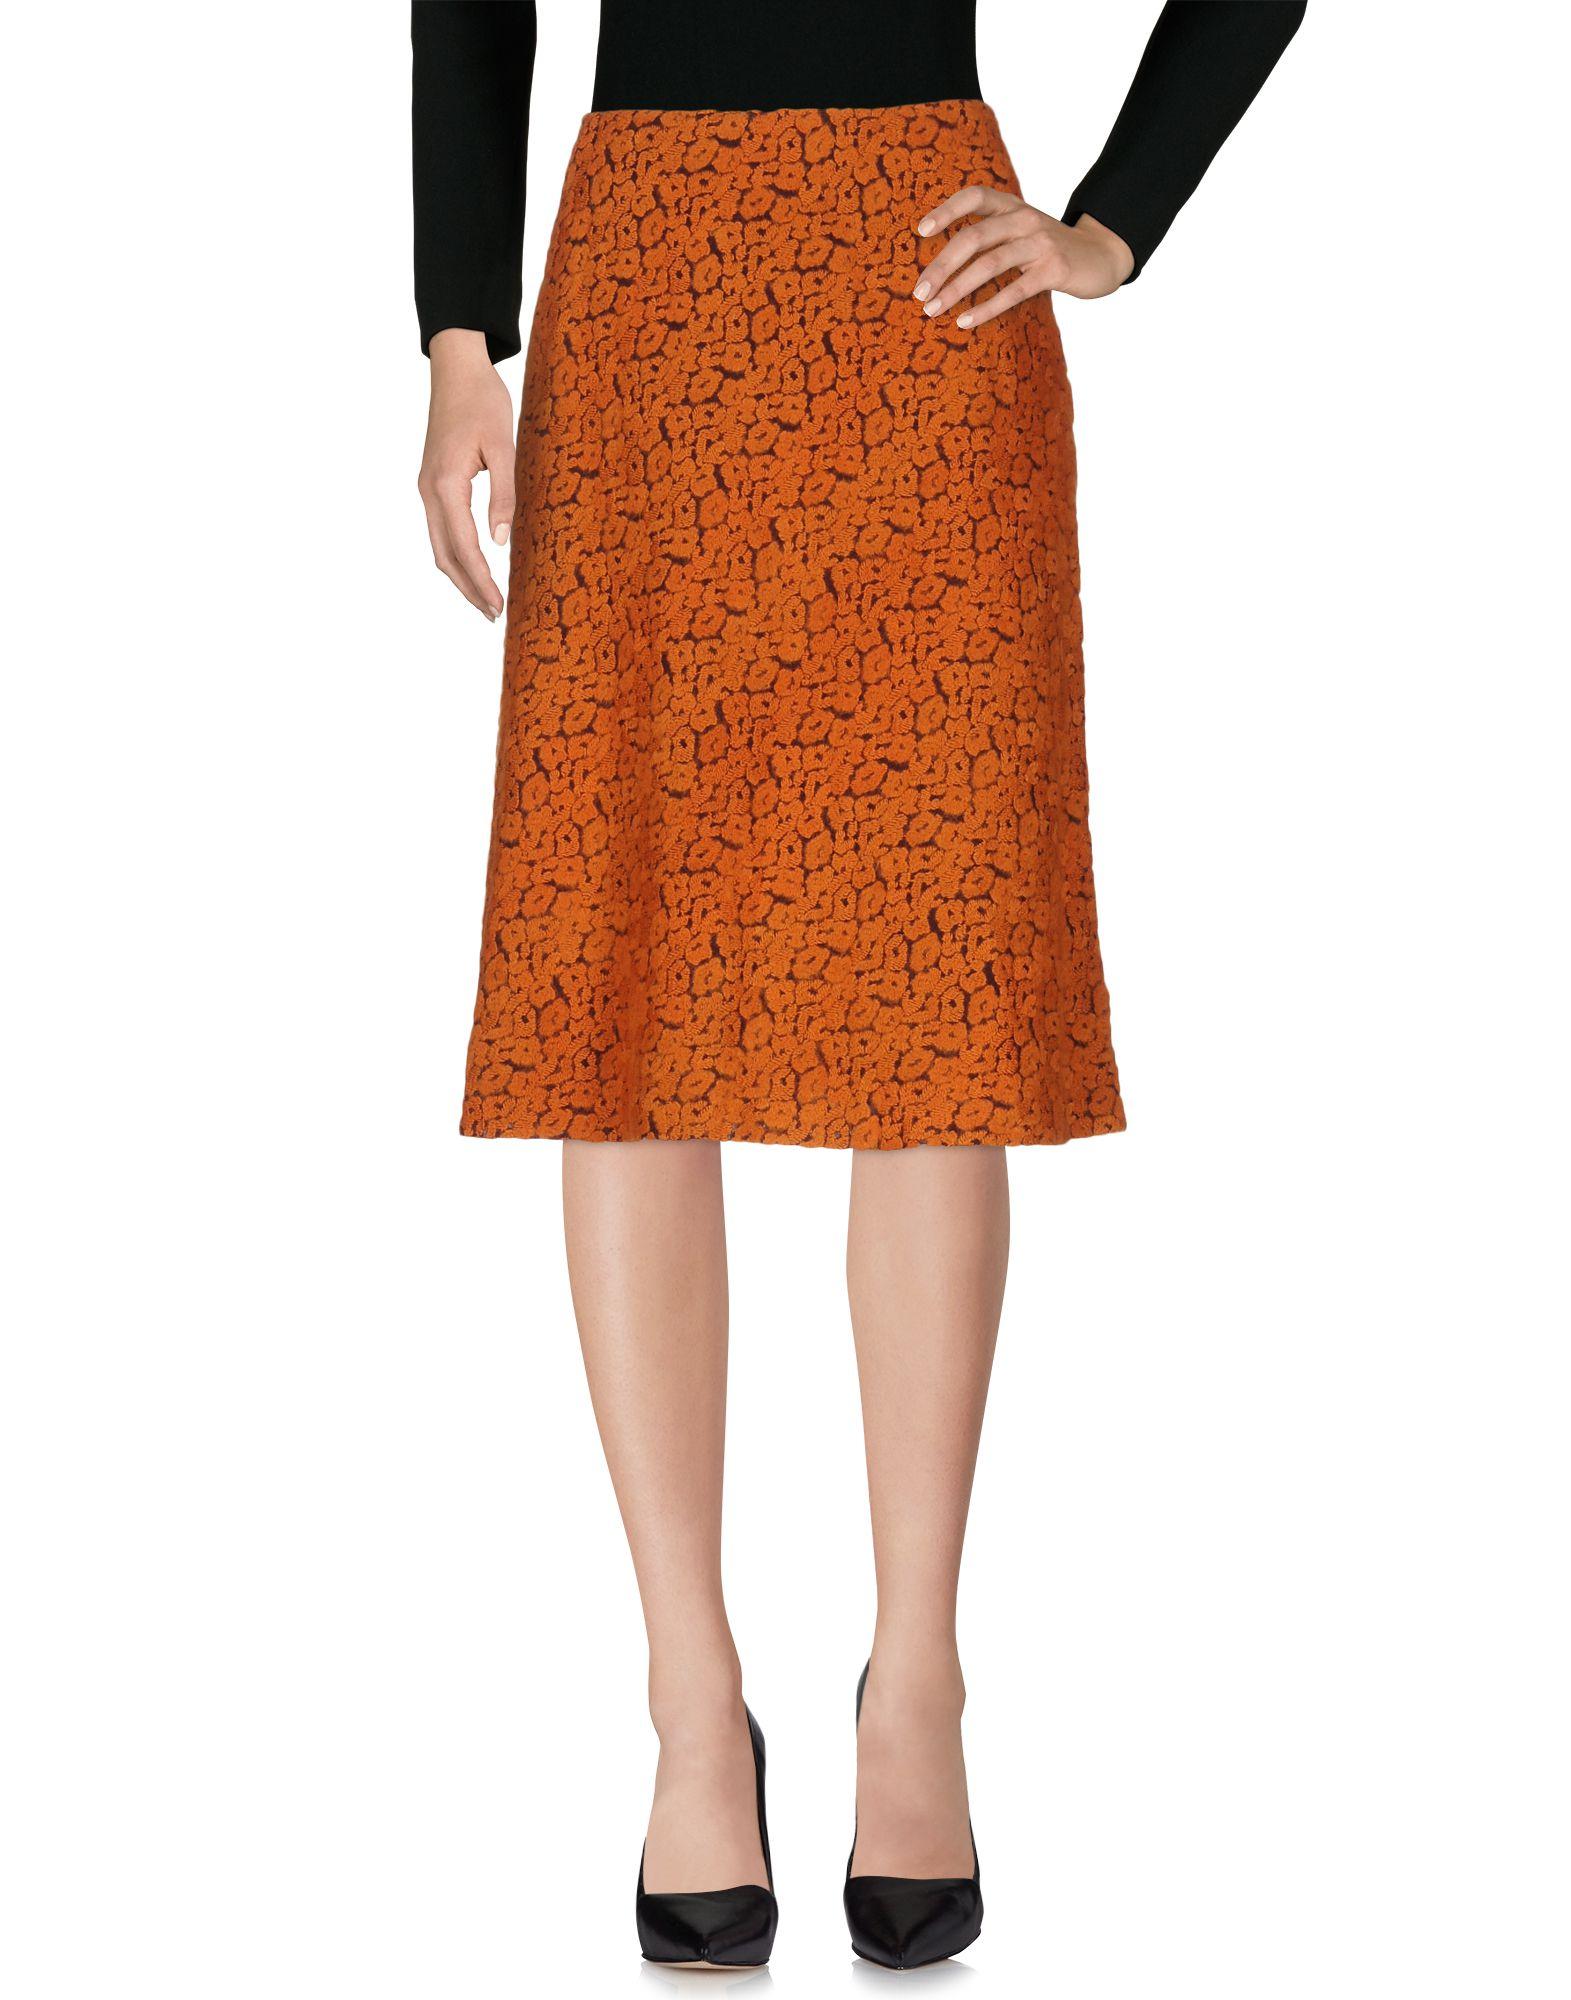 《送料無料》MAISON LAVINIATURRA レディース 7分丈スカート 赤茶色 42 ポリエステル 57% / コットン 40% / ポリウレタン 3%